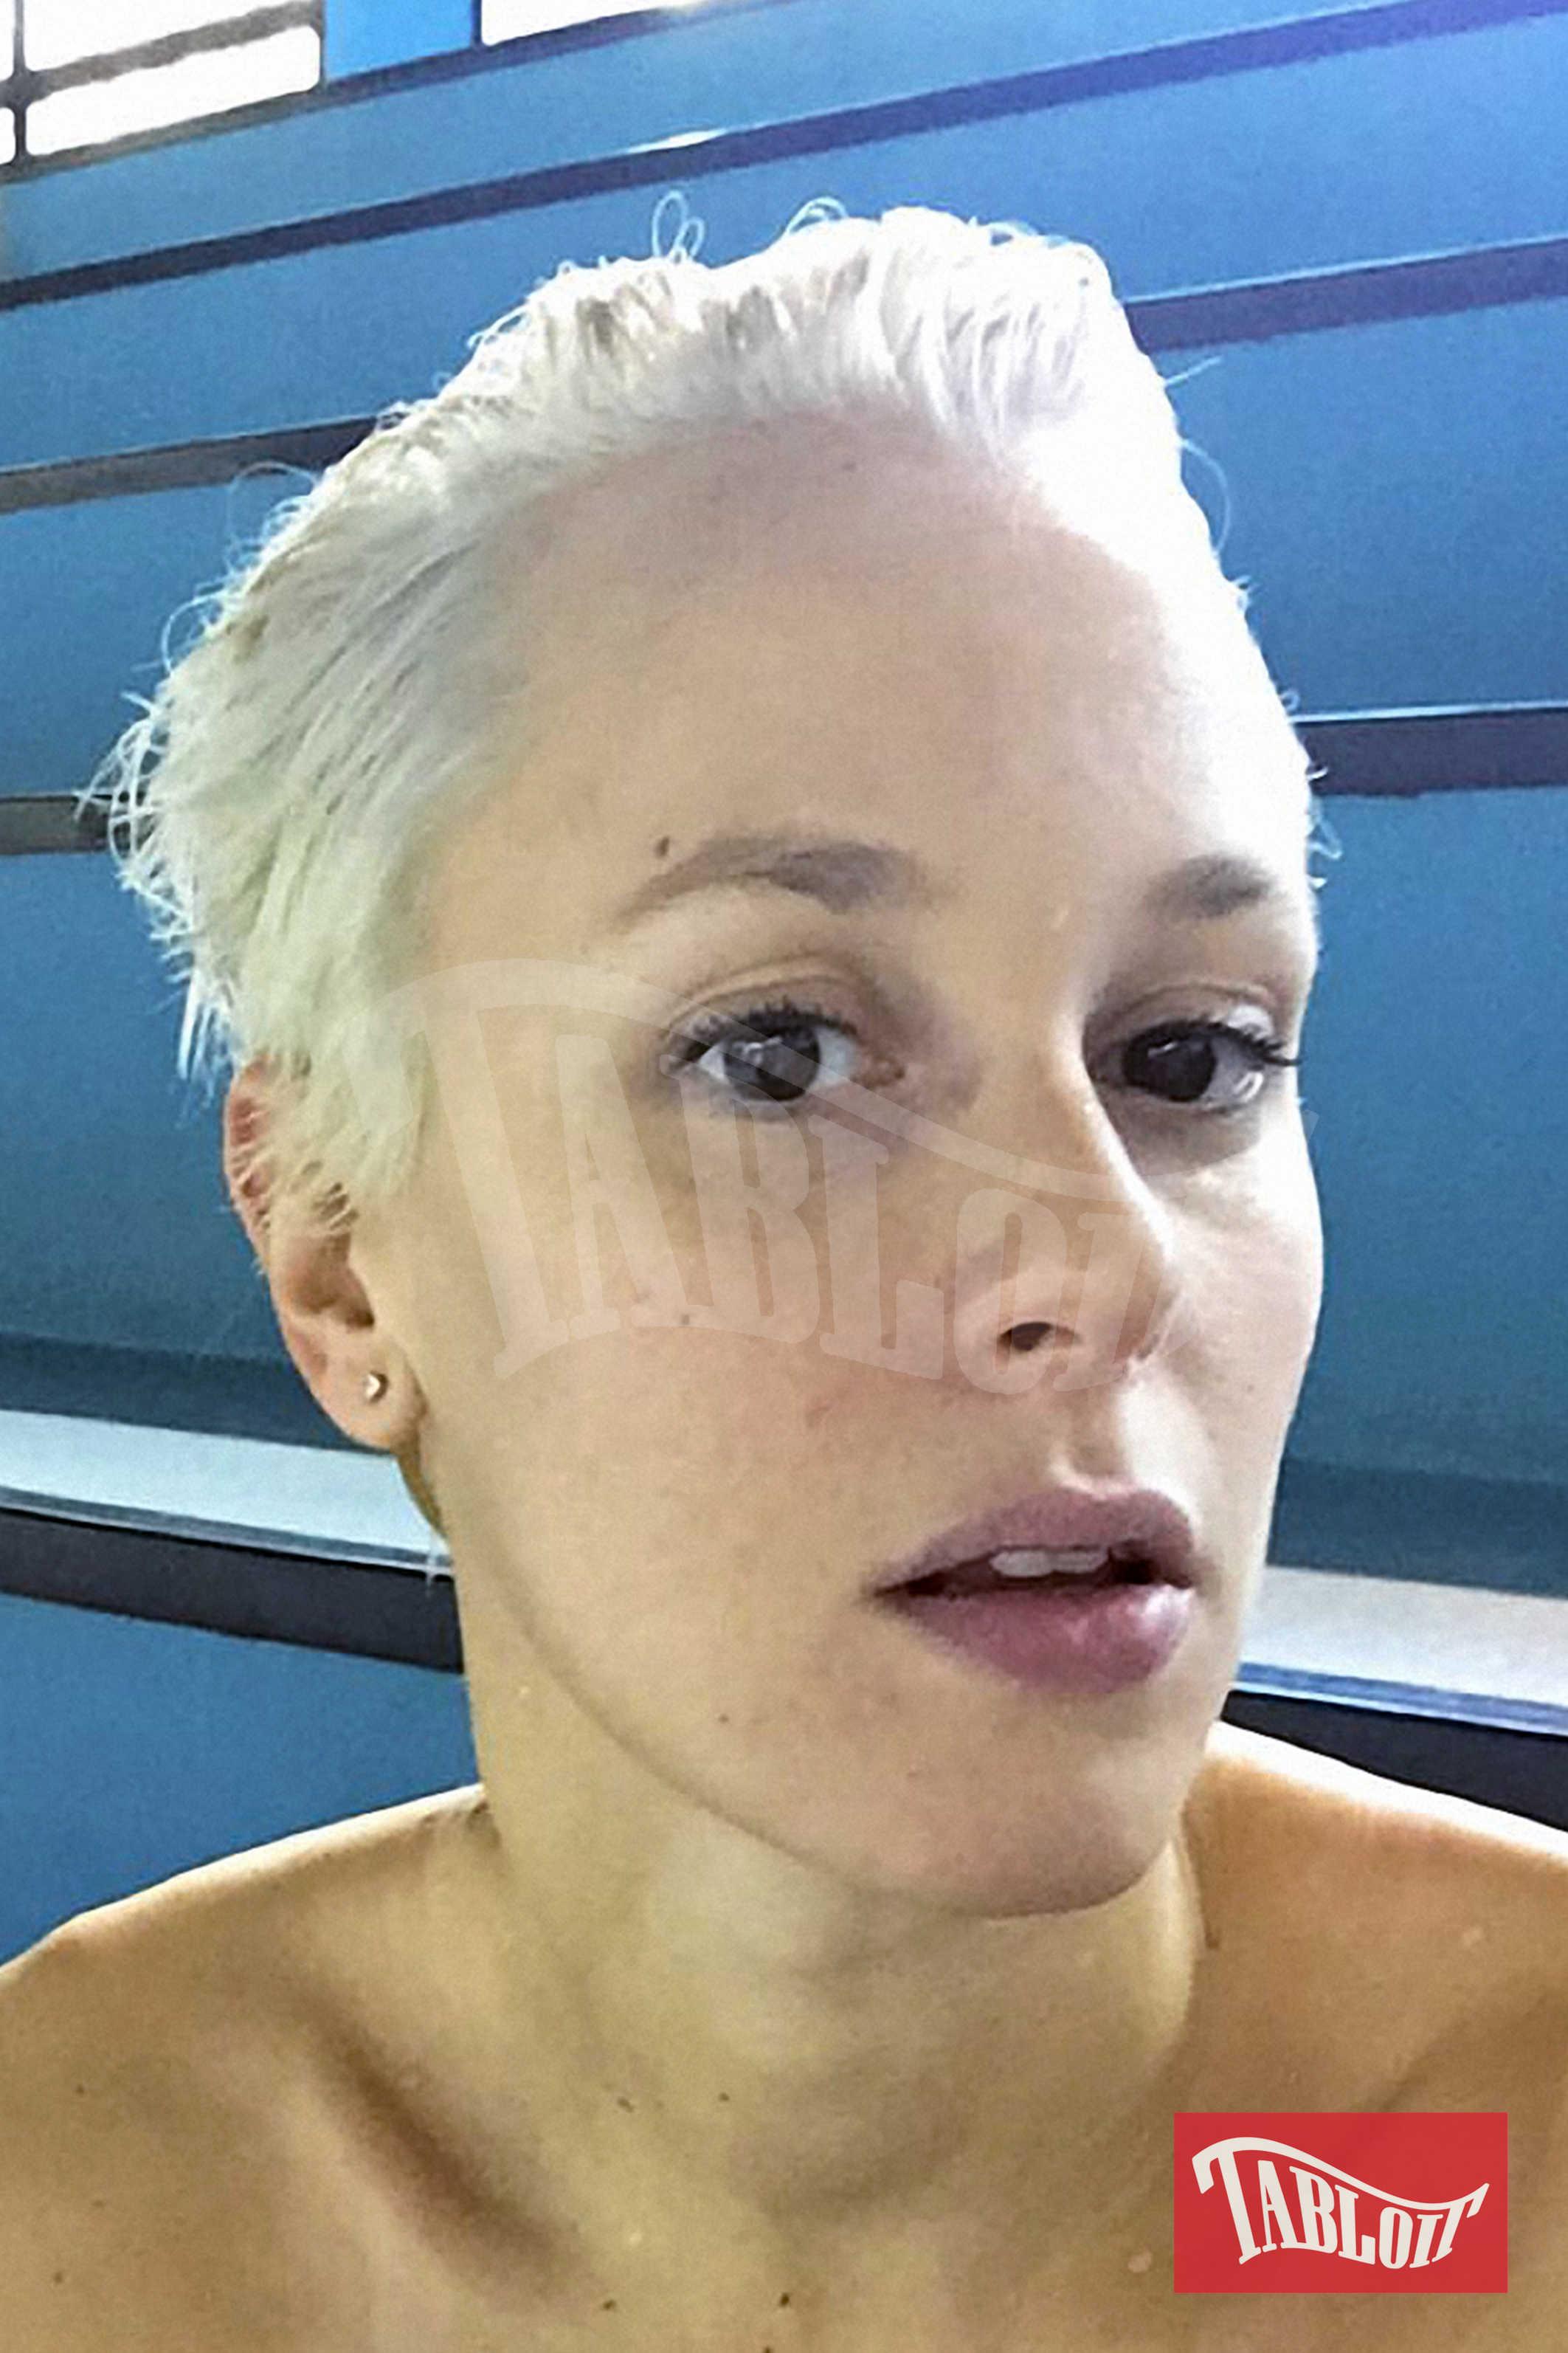 Federica e il nuovo look: la campionessa si è ispirata a Tempesta, supereroina mutante della Marvel dai capelli grigio ghiaccio